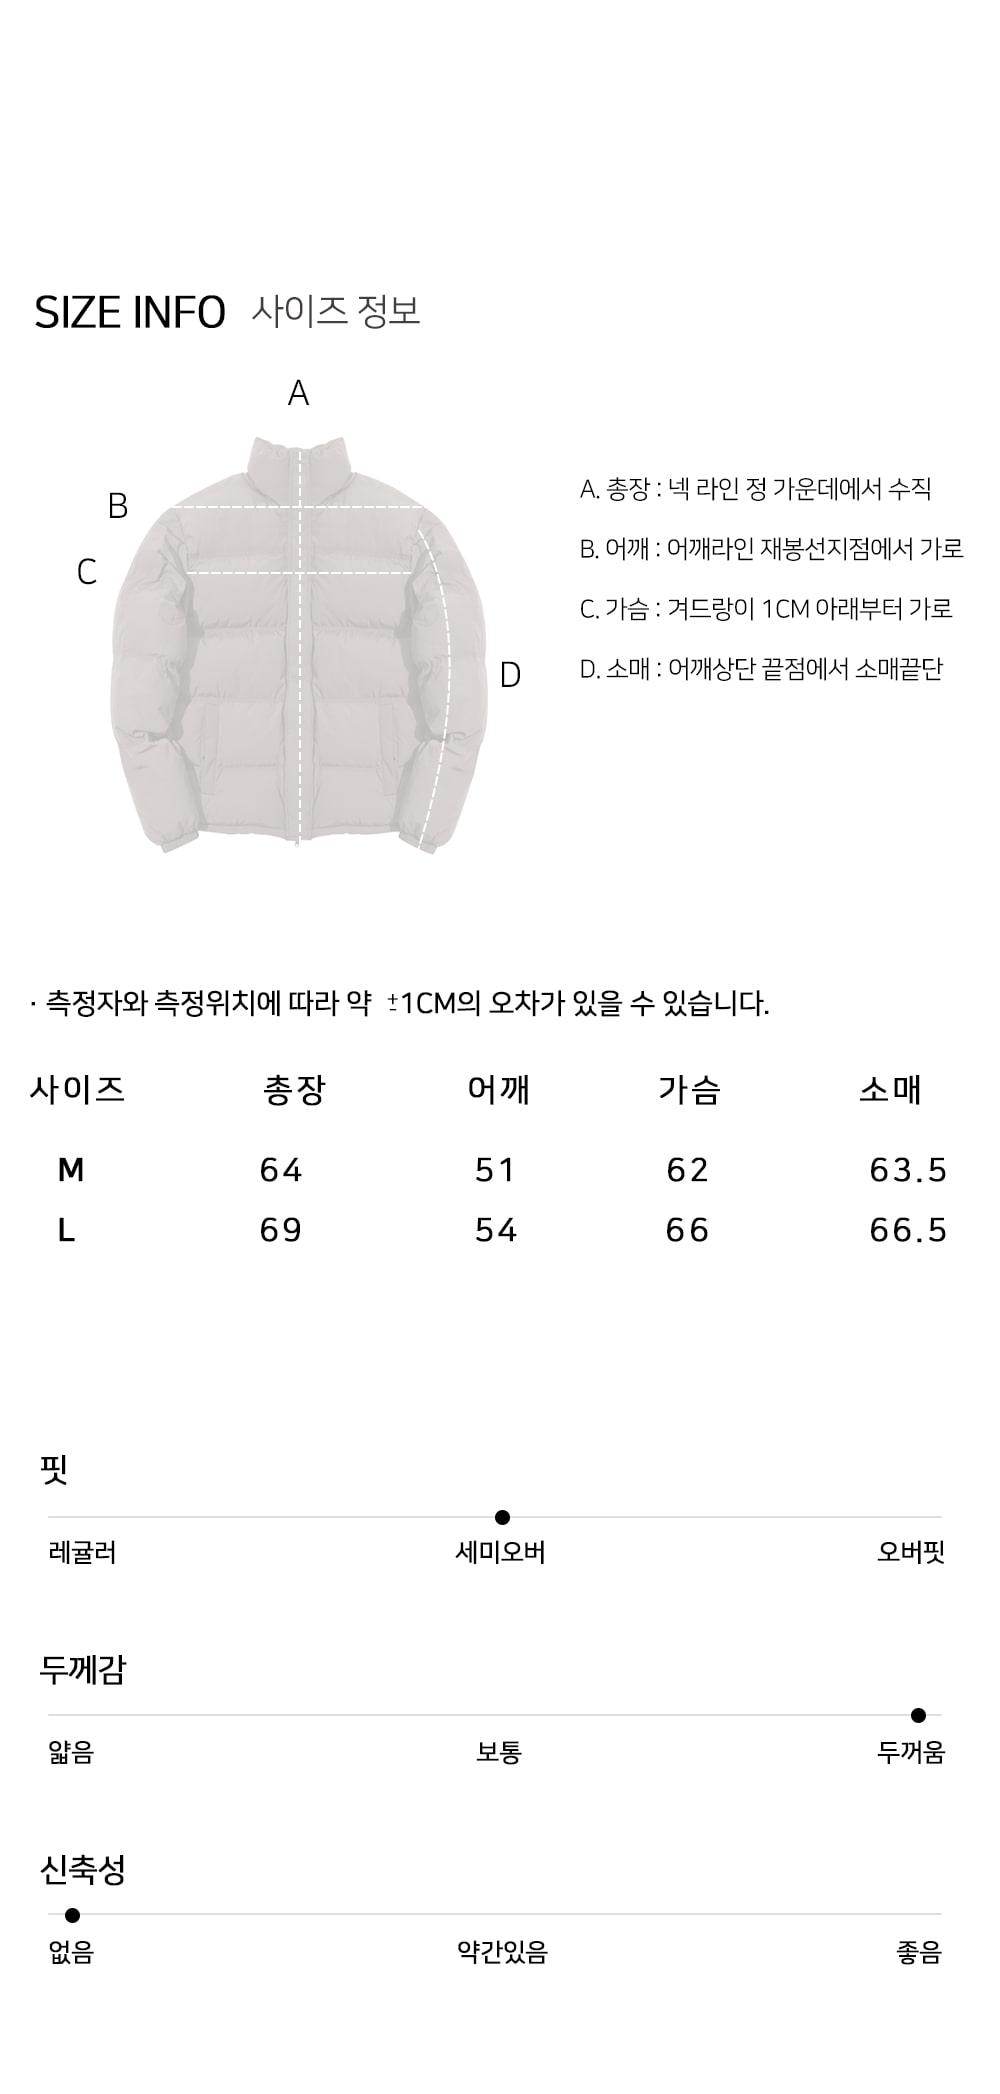 [12월10일 예약배송] 신슐 어쎈틱 스카치 숏 패딩 그레이